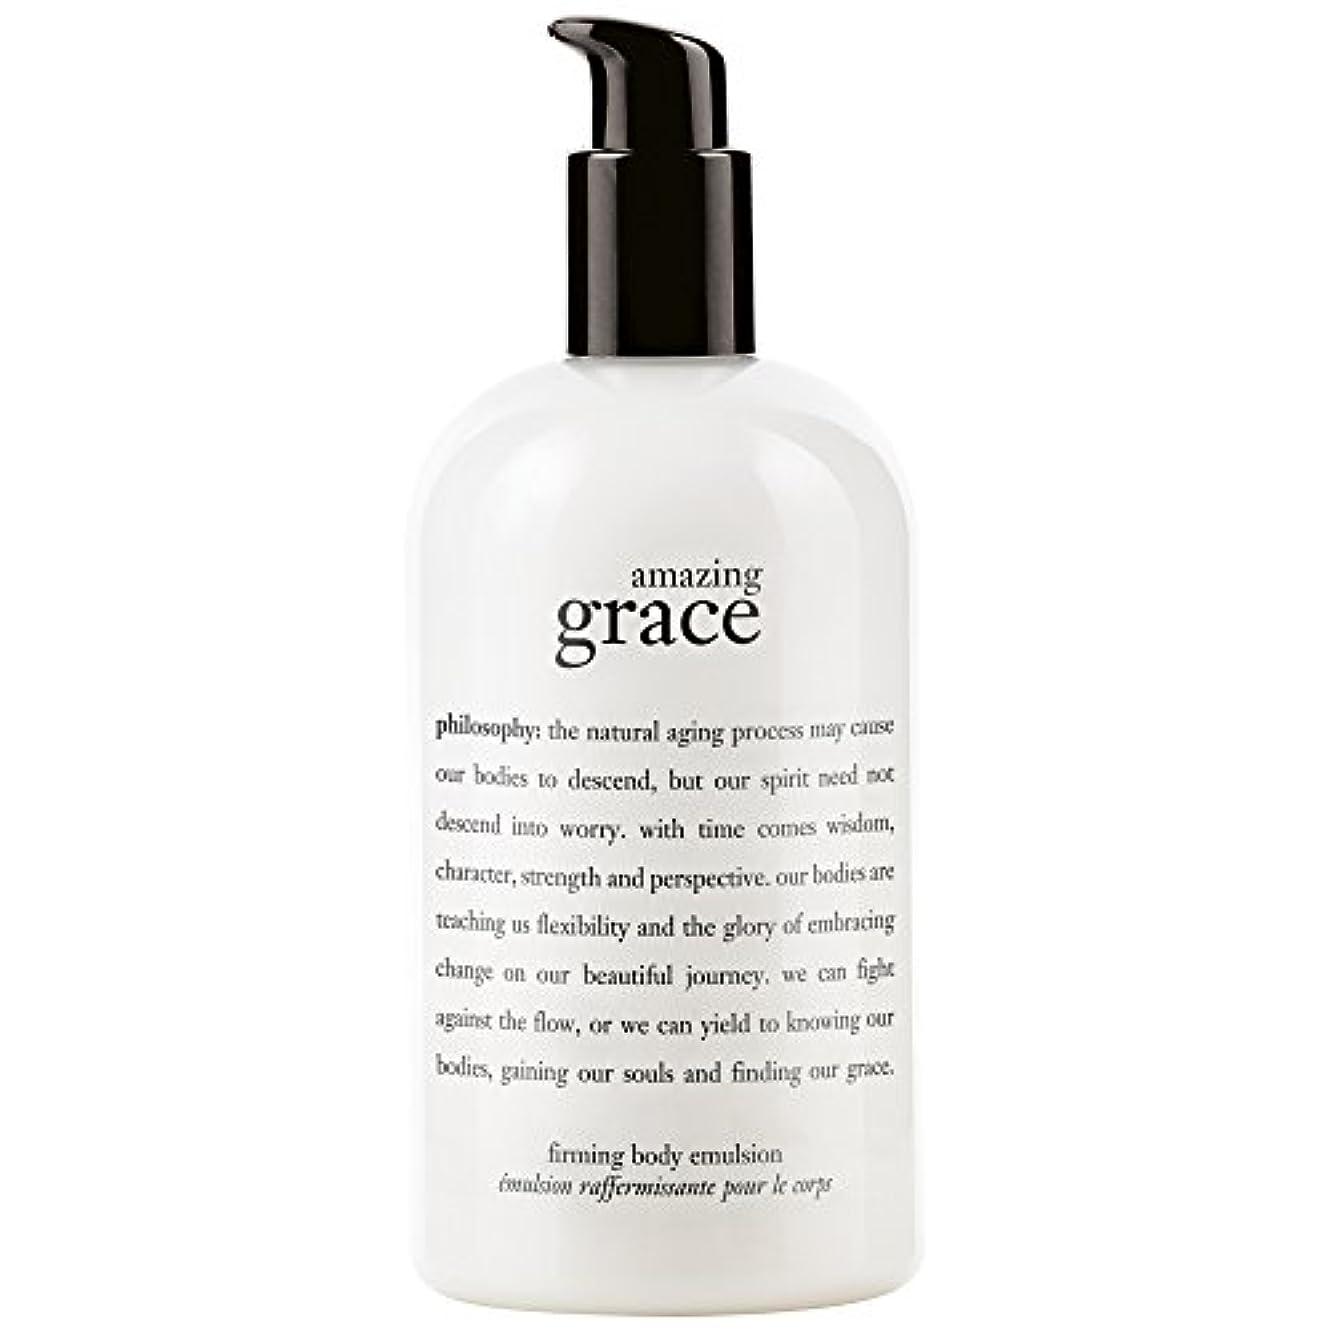 自転車拳フェッチ哲学驚くべき恵み引き締めボディエマルジョン480ミリリットル (Philosophy) (x2) - Philosophy Amazing Grace Firming Body Emulsion 480ml (Pack of 2) [並行輸入品]